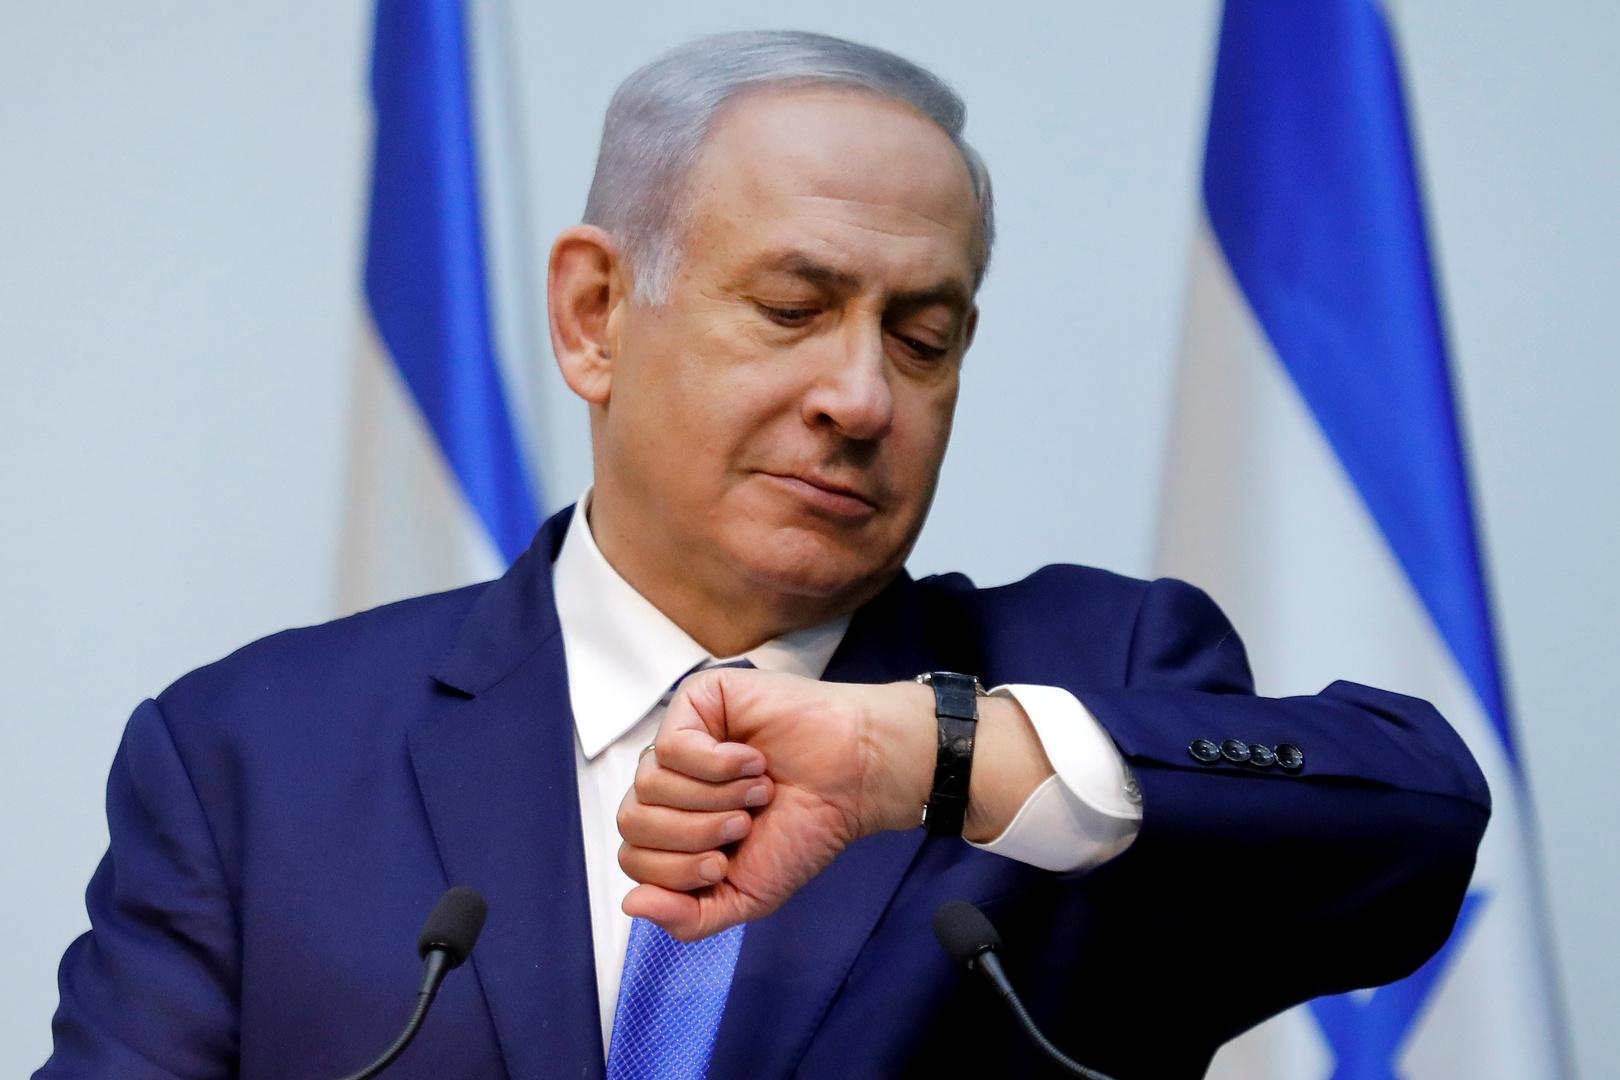 نتنياهو يتخلى عن جميع مناصبه الوزارية باستثناء رئاسة الوزراء